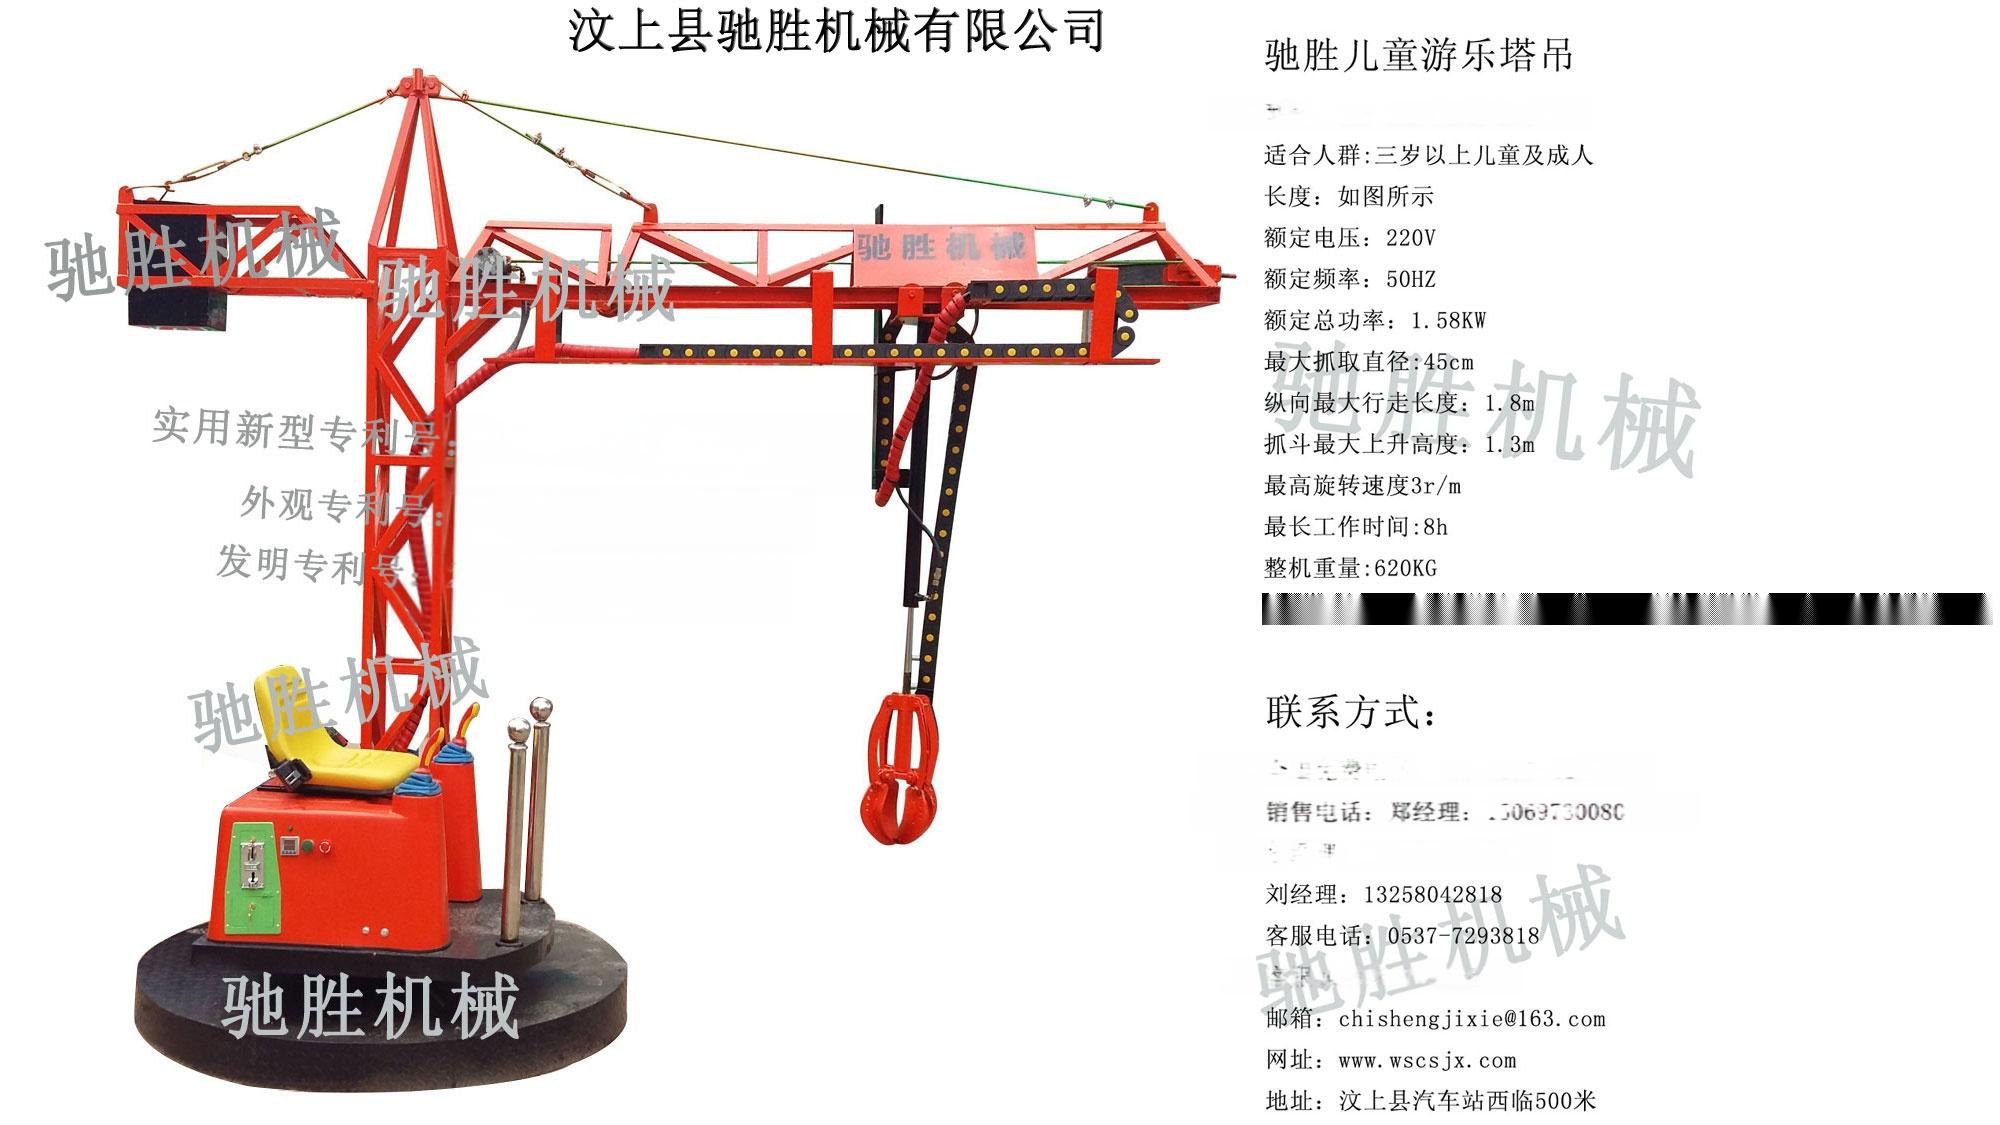 塔吊安全装置图解_塔吊的使用说明-